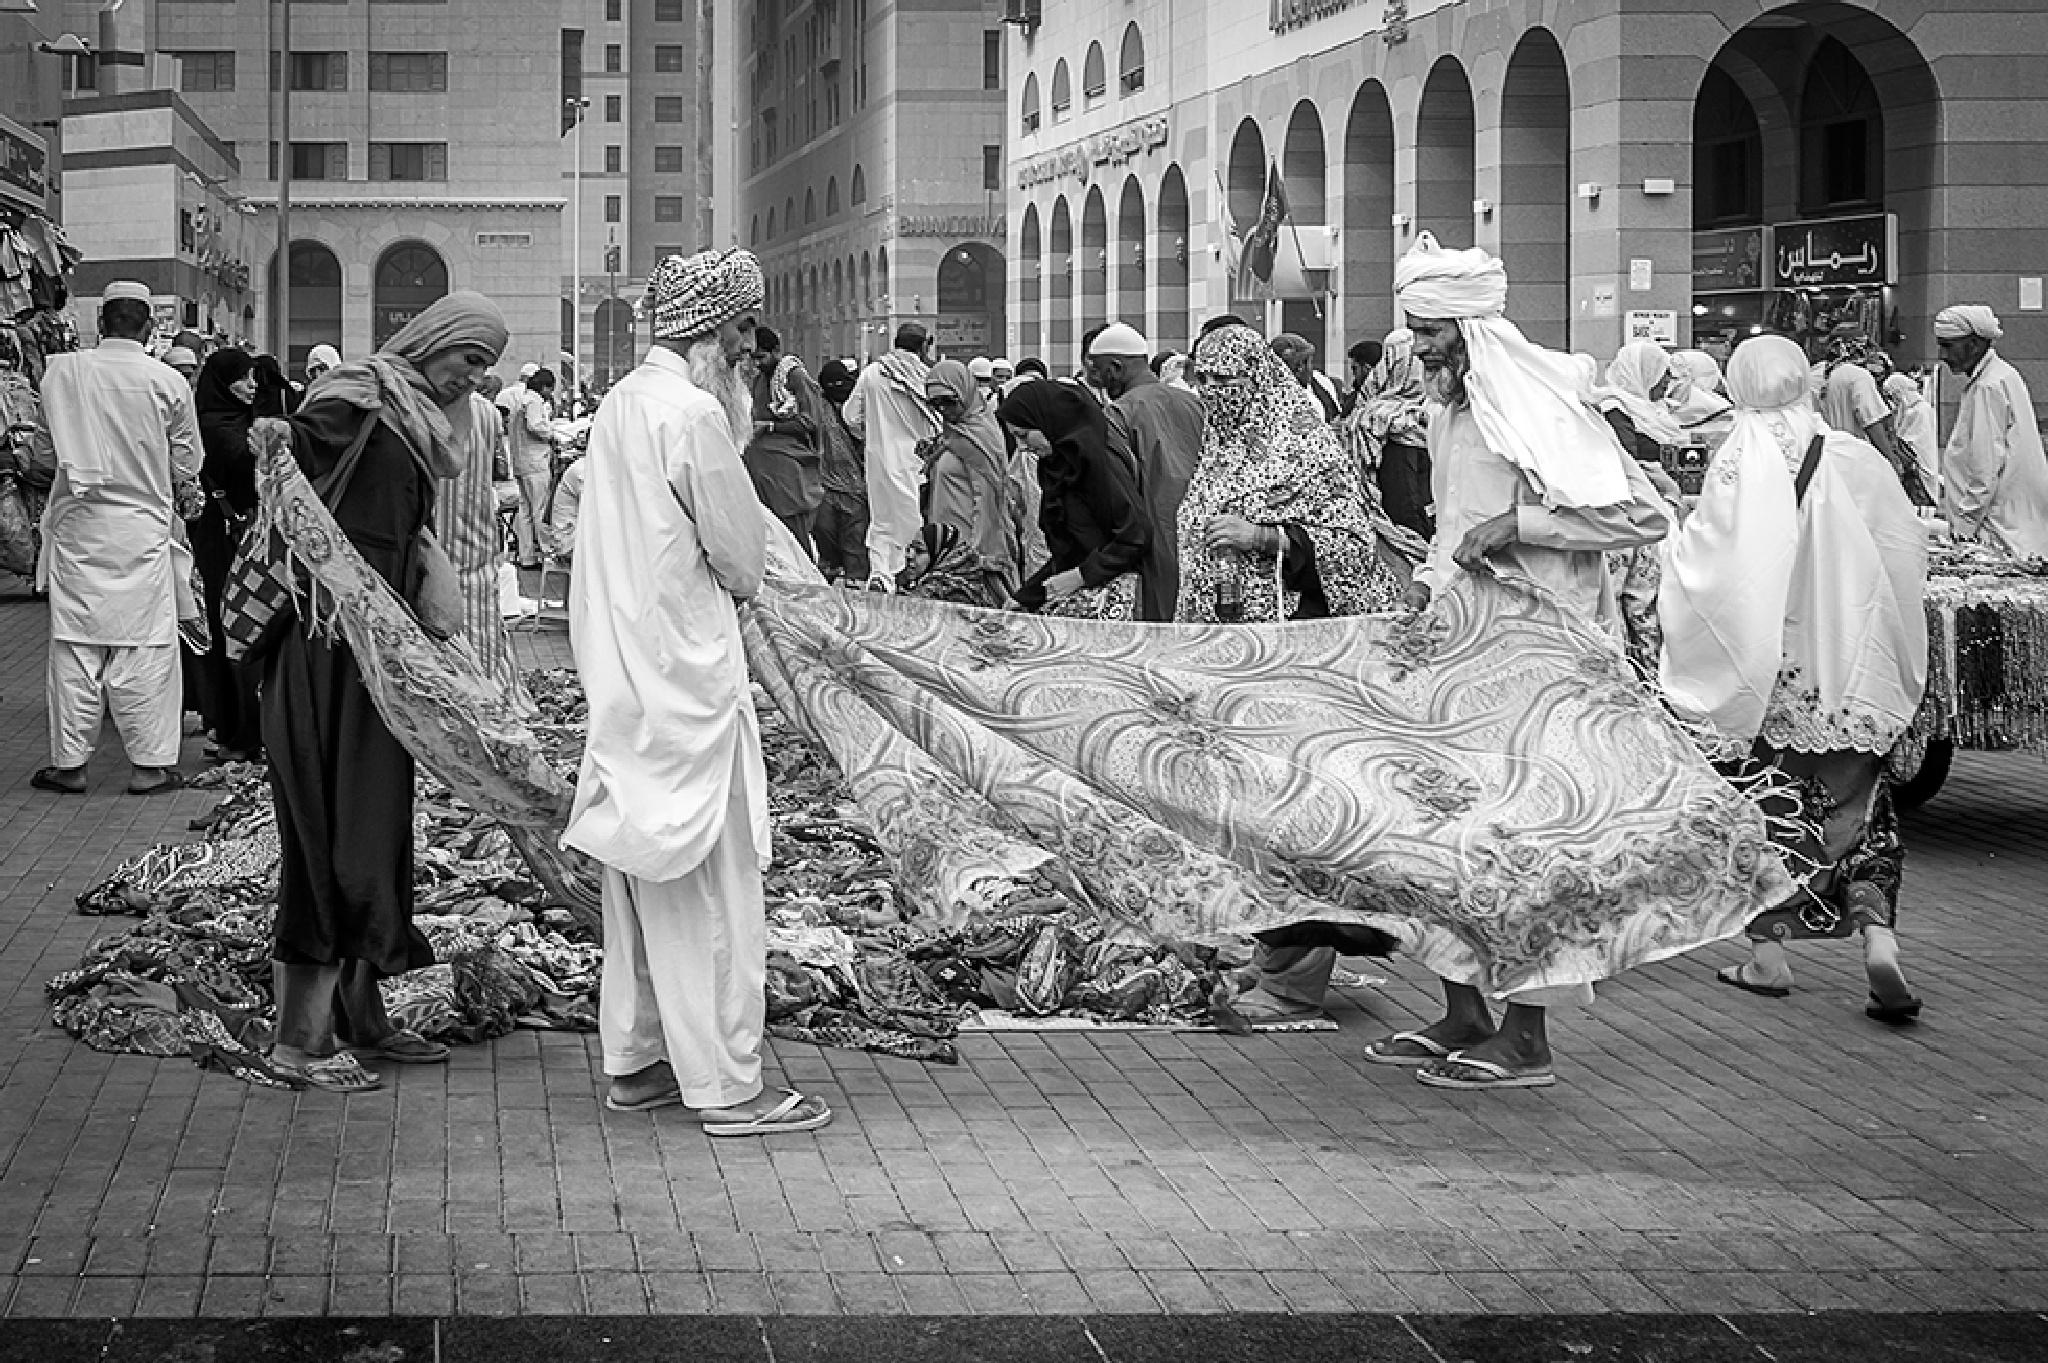 Timeless  by Mohammad Al Deglah